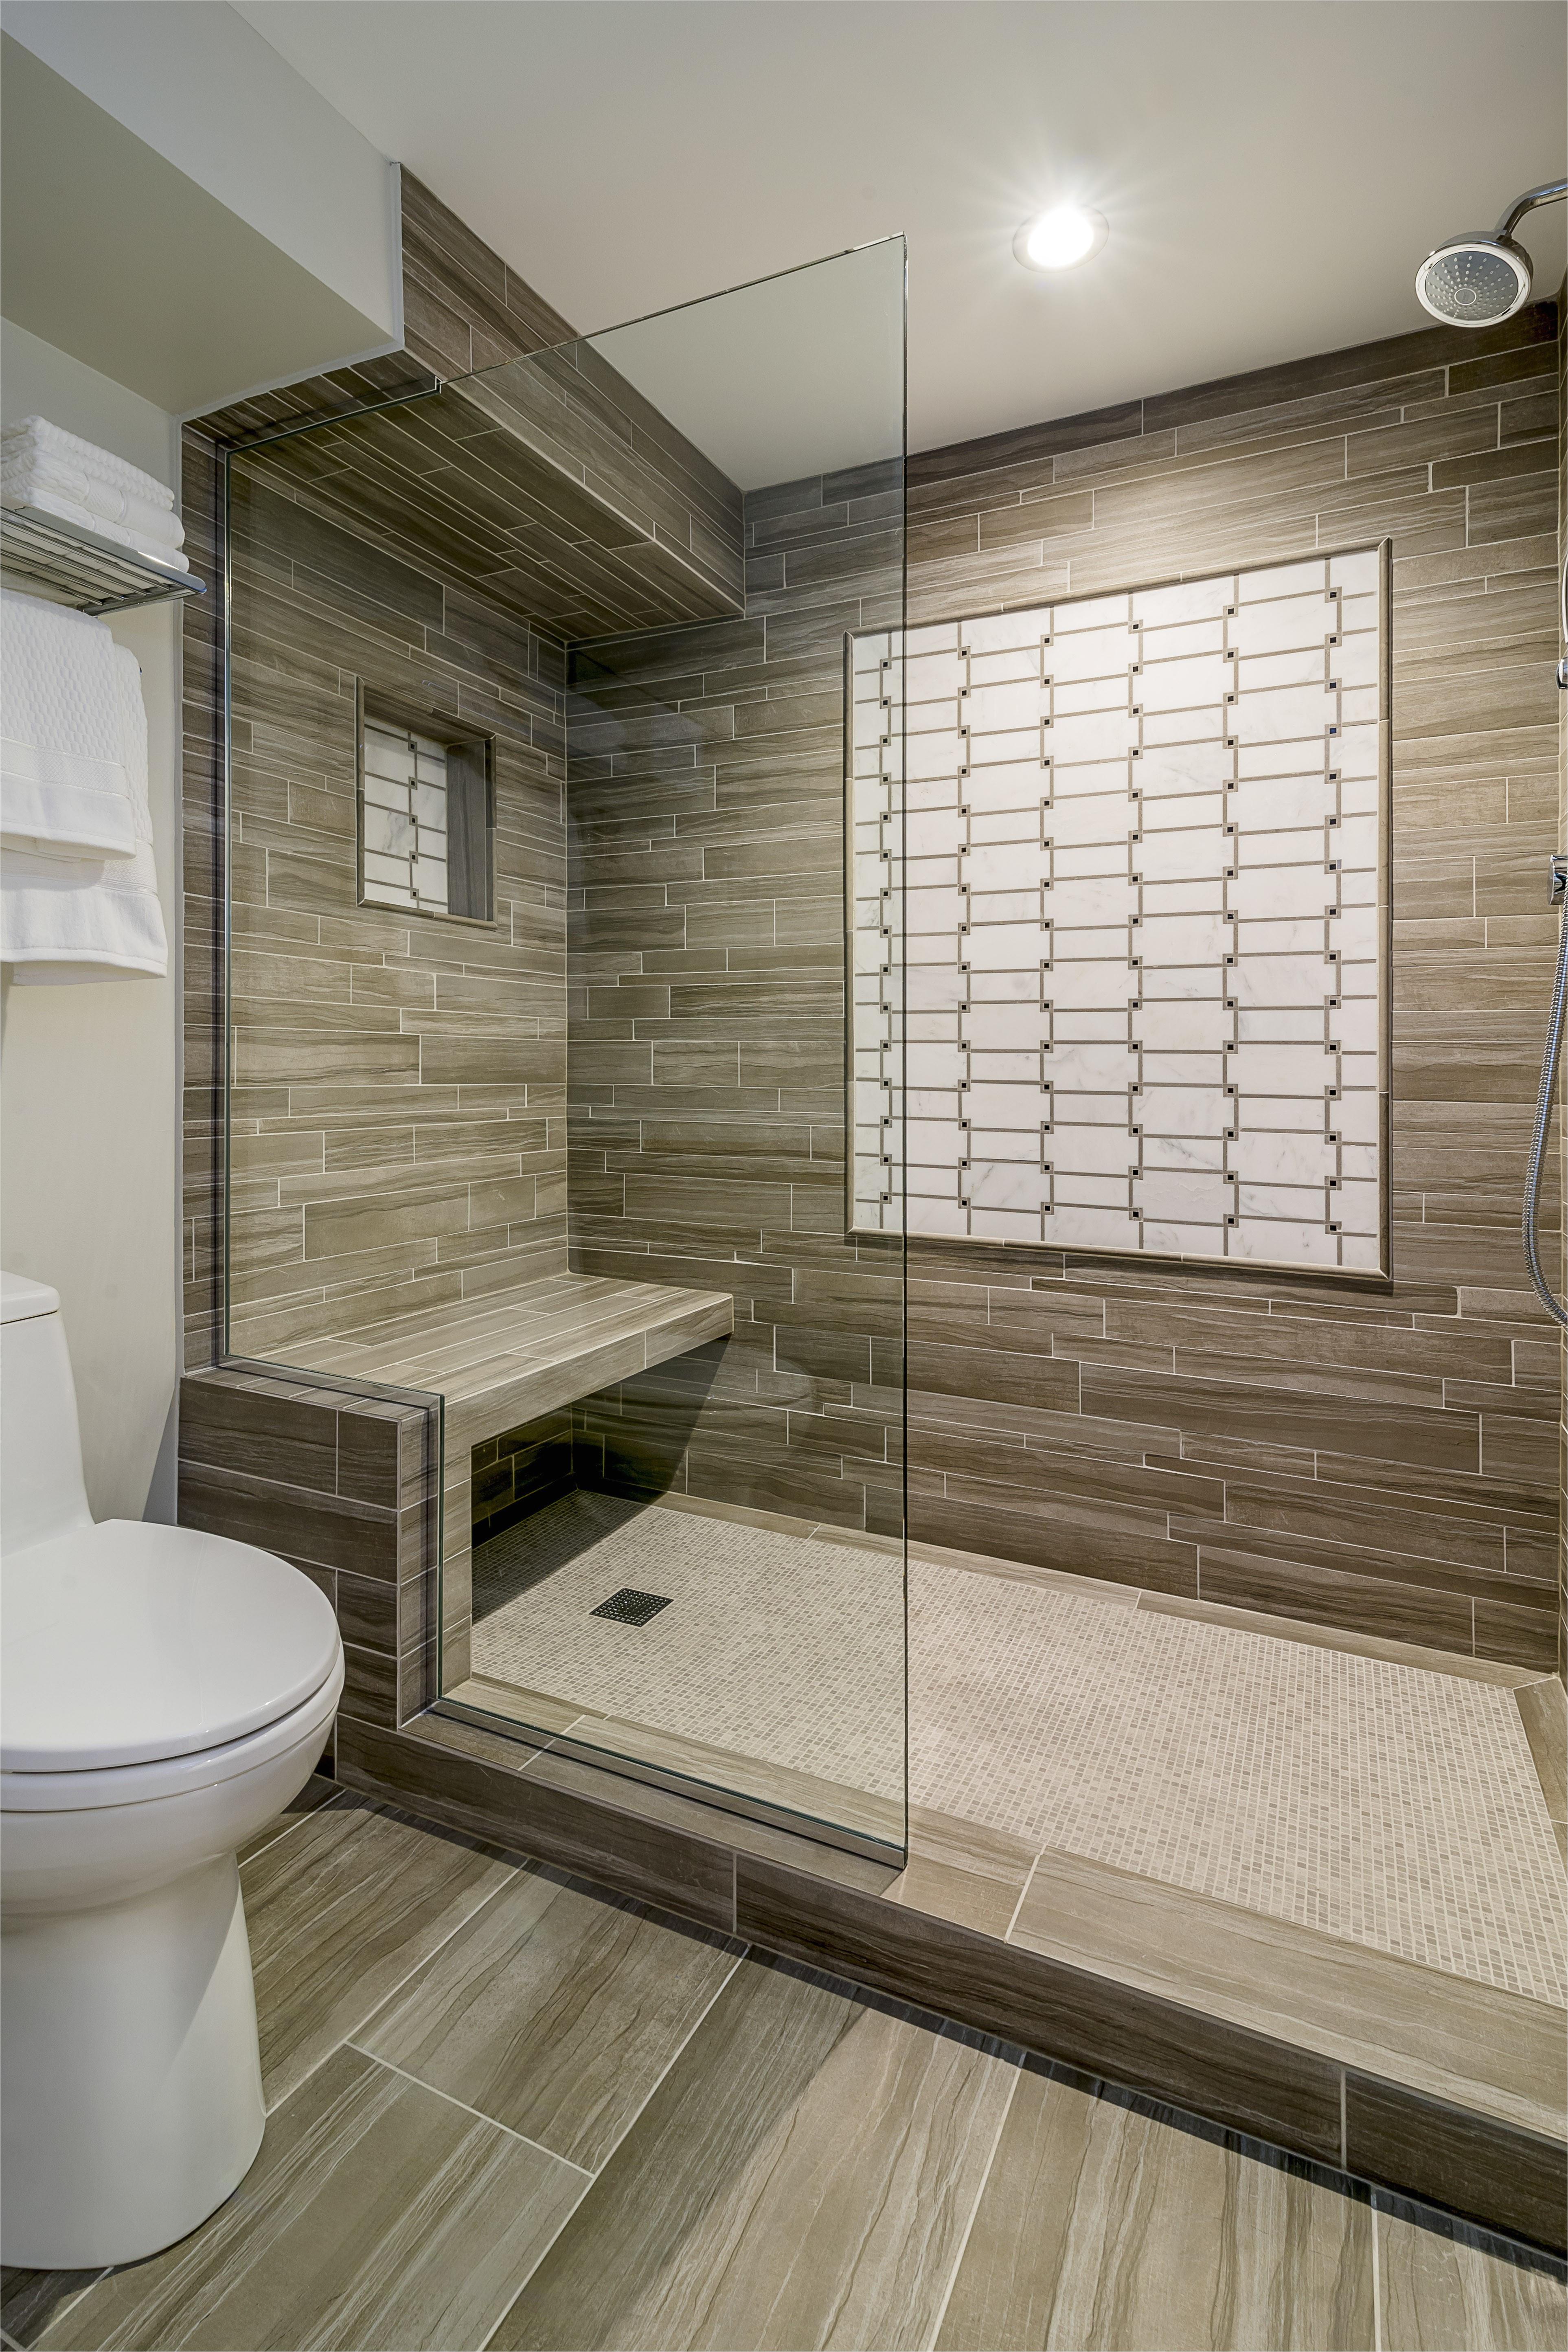 small bathroom tile shower ideas unique shower tile design ideas unique some colorful bathroom tile ideas